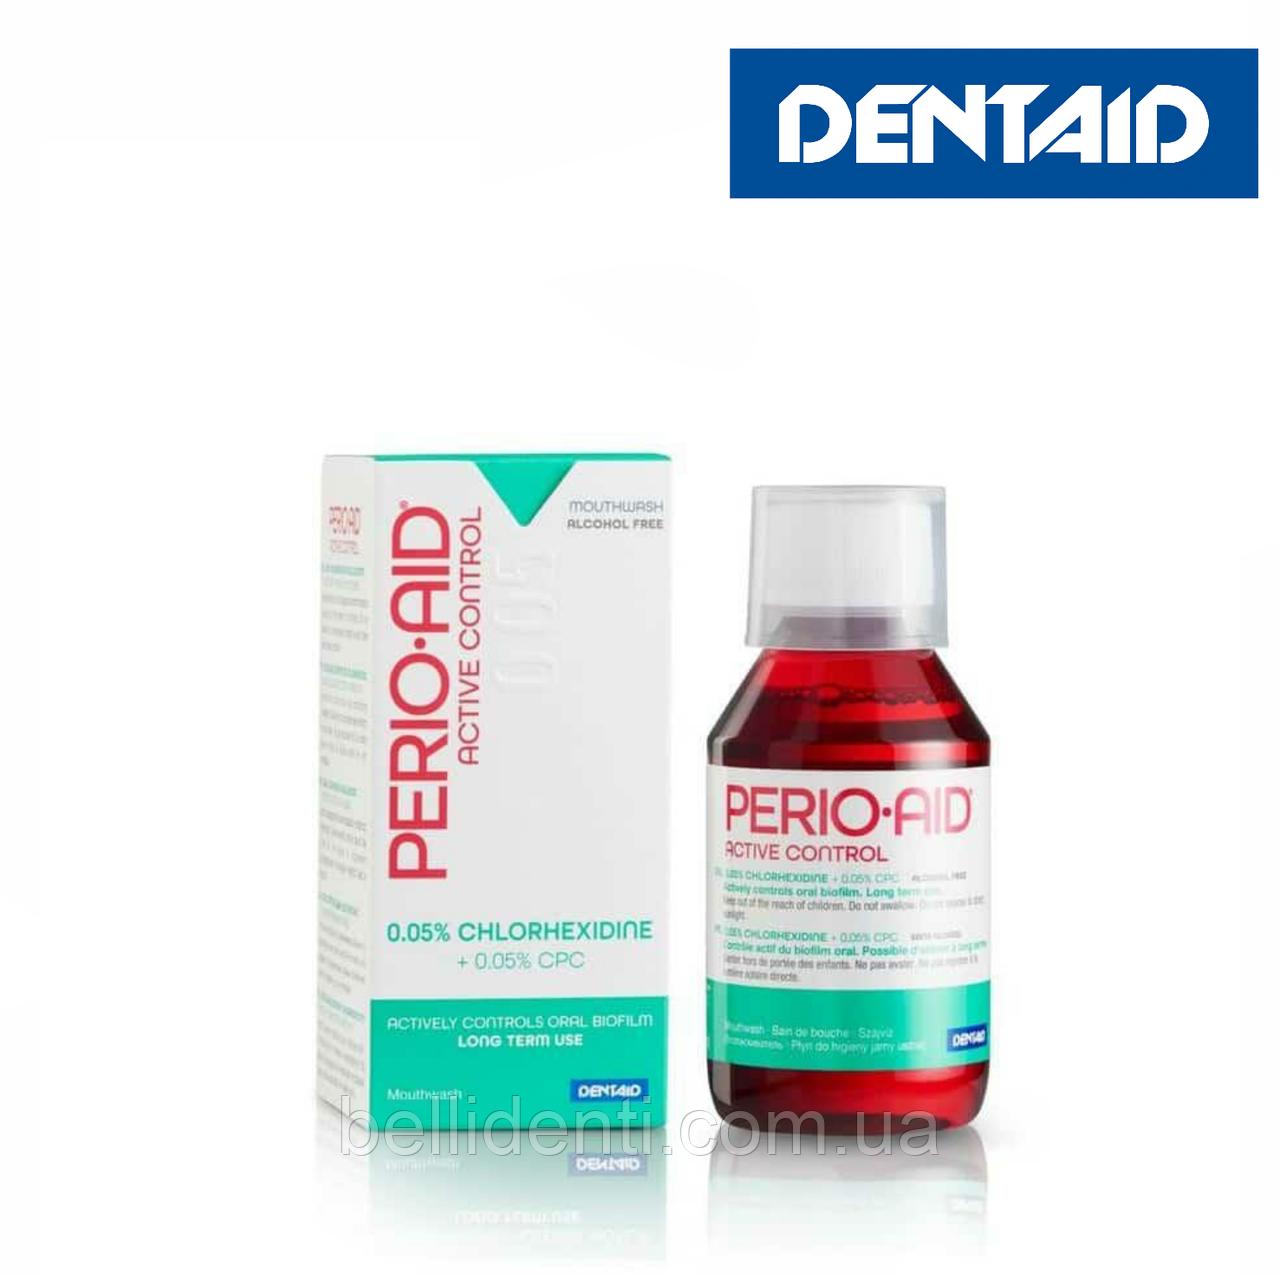 PERIO-AID 0.05% ACTIVE CONTROL ополаск., антисептическое, противовоспалительное действие, 150 мл